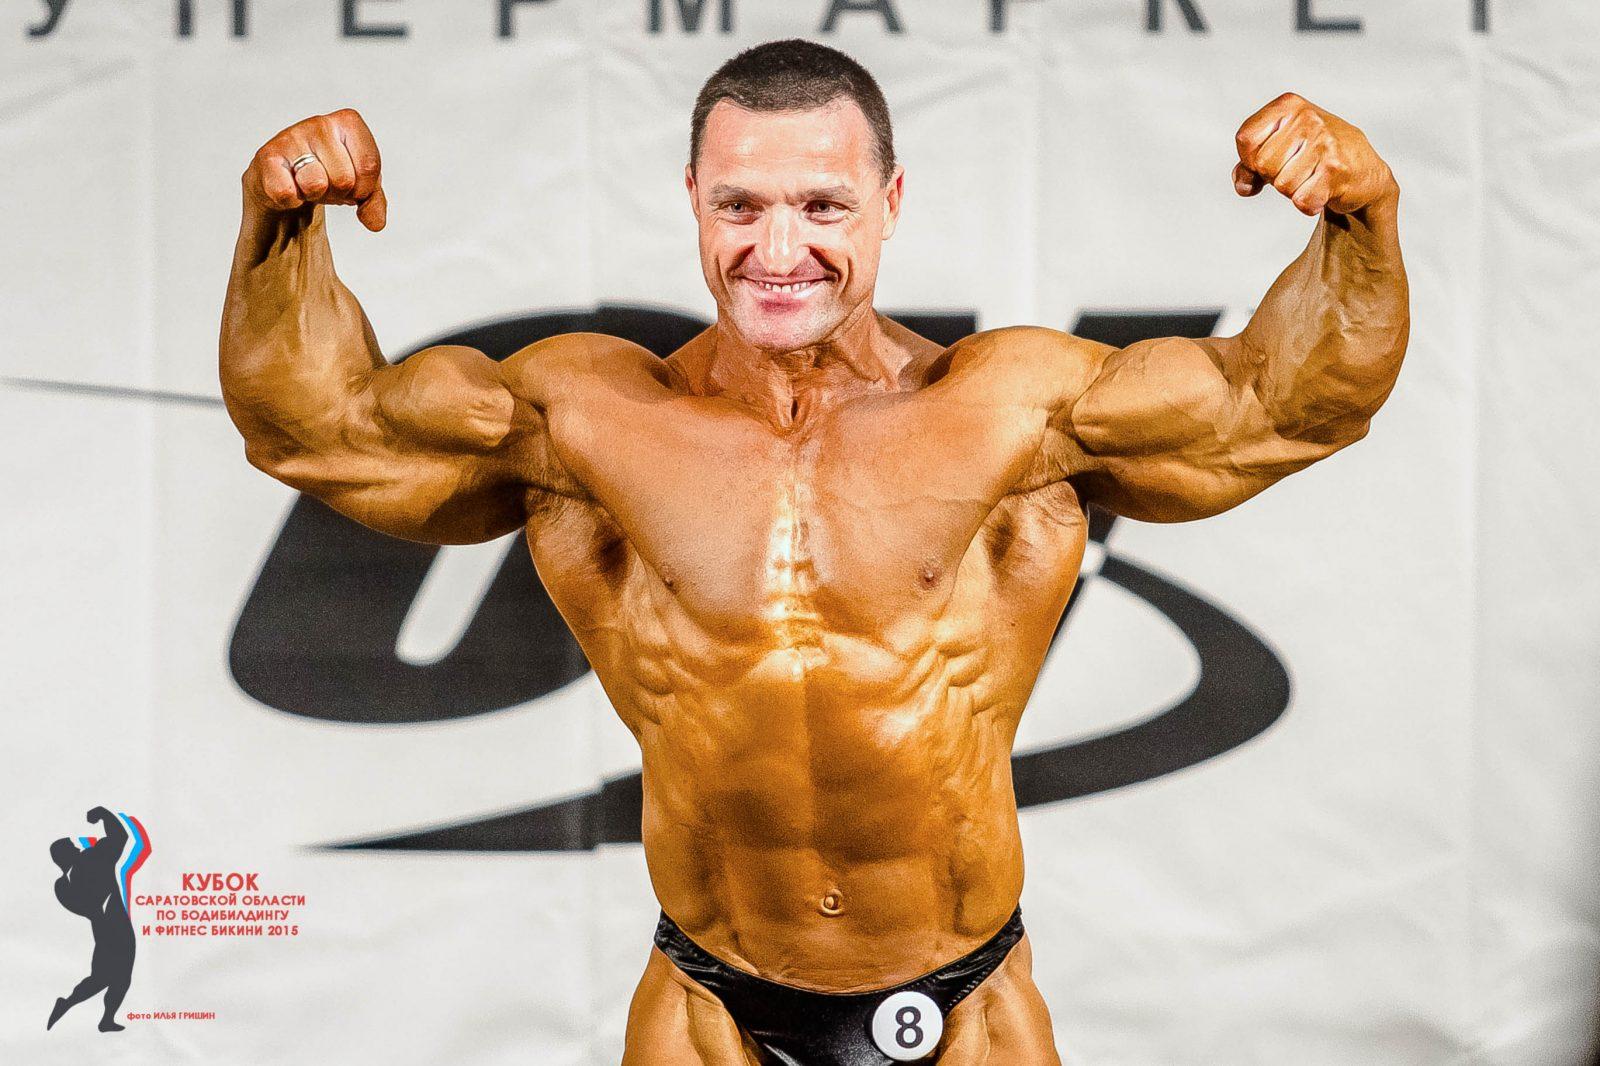 Житель балаково самир антипов вошел в число победителей открытого чемпионата волгоградской области по бодибилдингу и